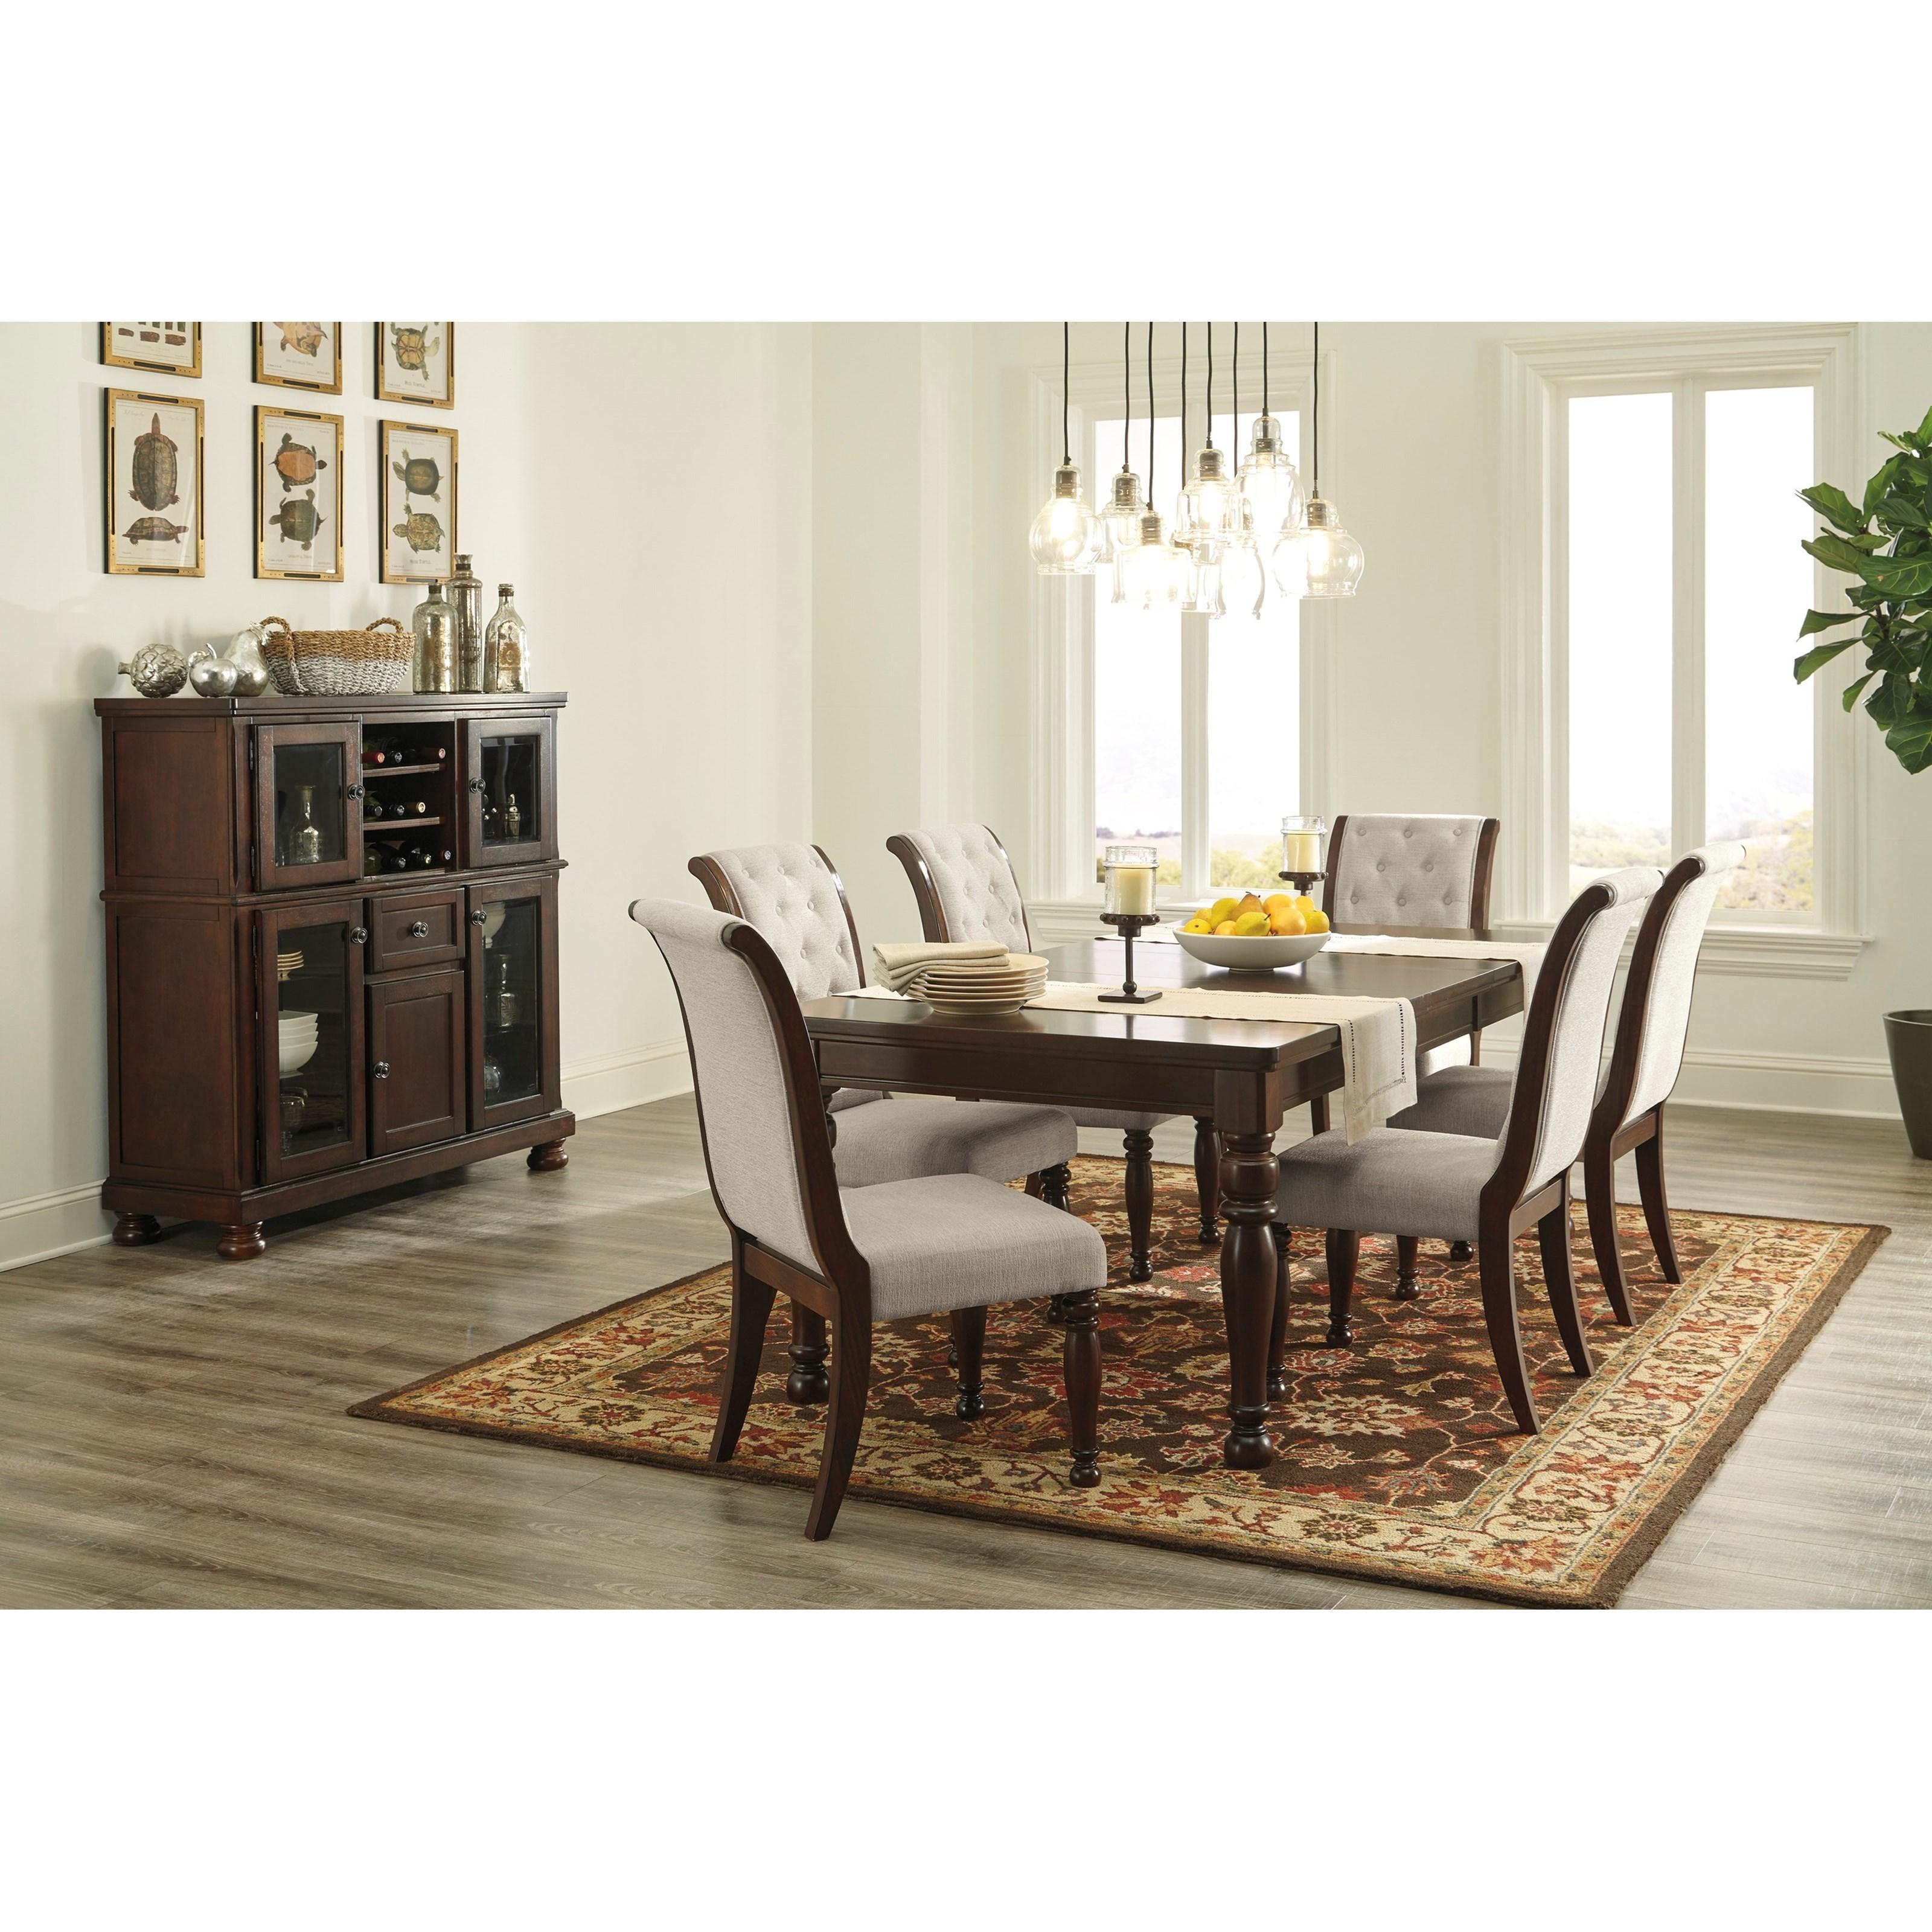 Ashley Furniture Dining Room: Ashley Furniture Porter D697-04 Dining Upholstered Side